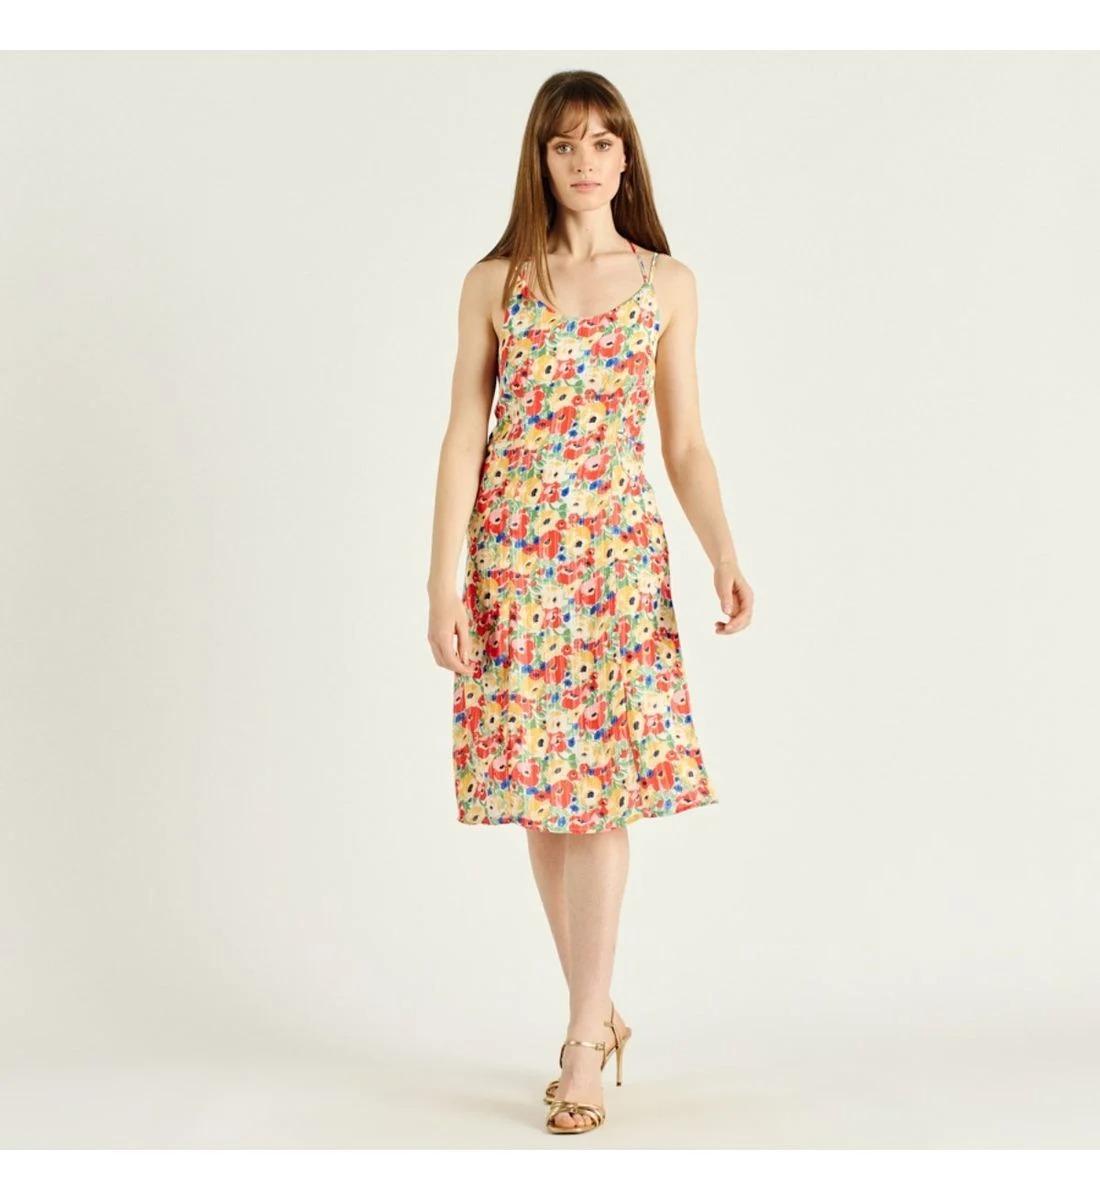 Robe longue à fines bretelles et imprimé fleurs en 100% polyester et doublure 100% viscose, Artlove, 36€ au lieu de 45€.